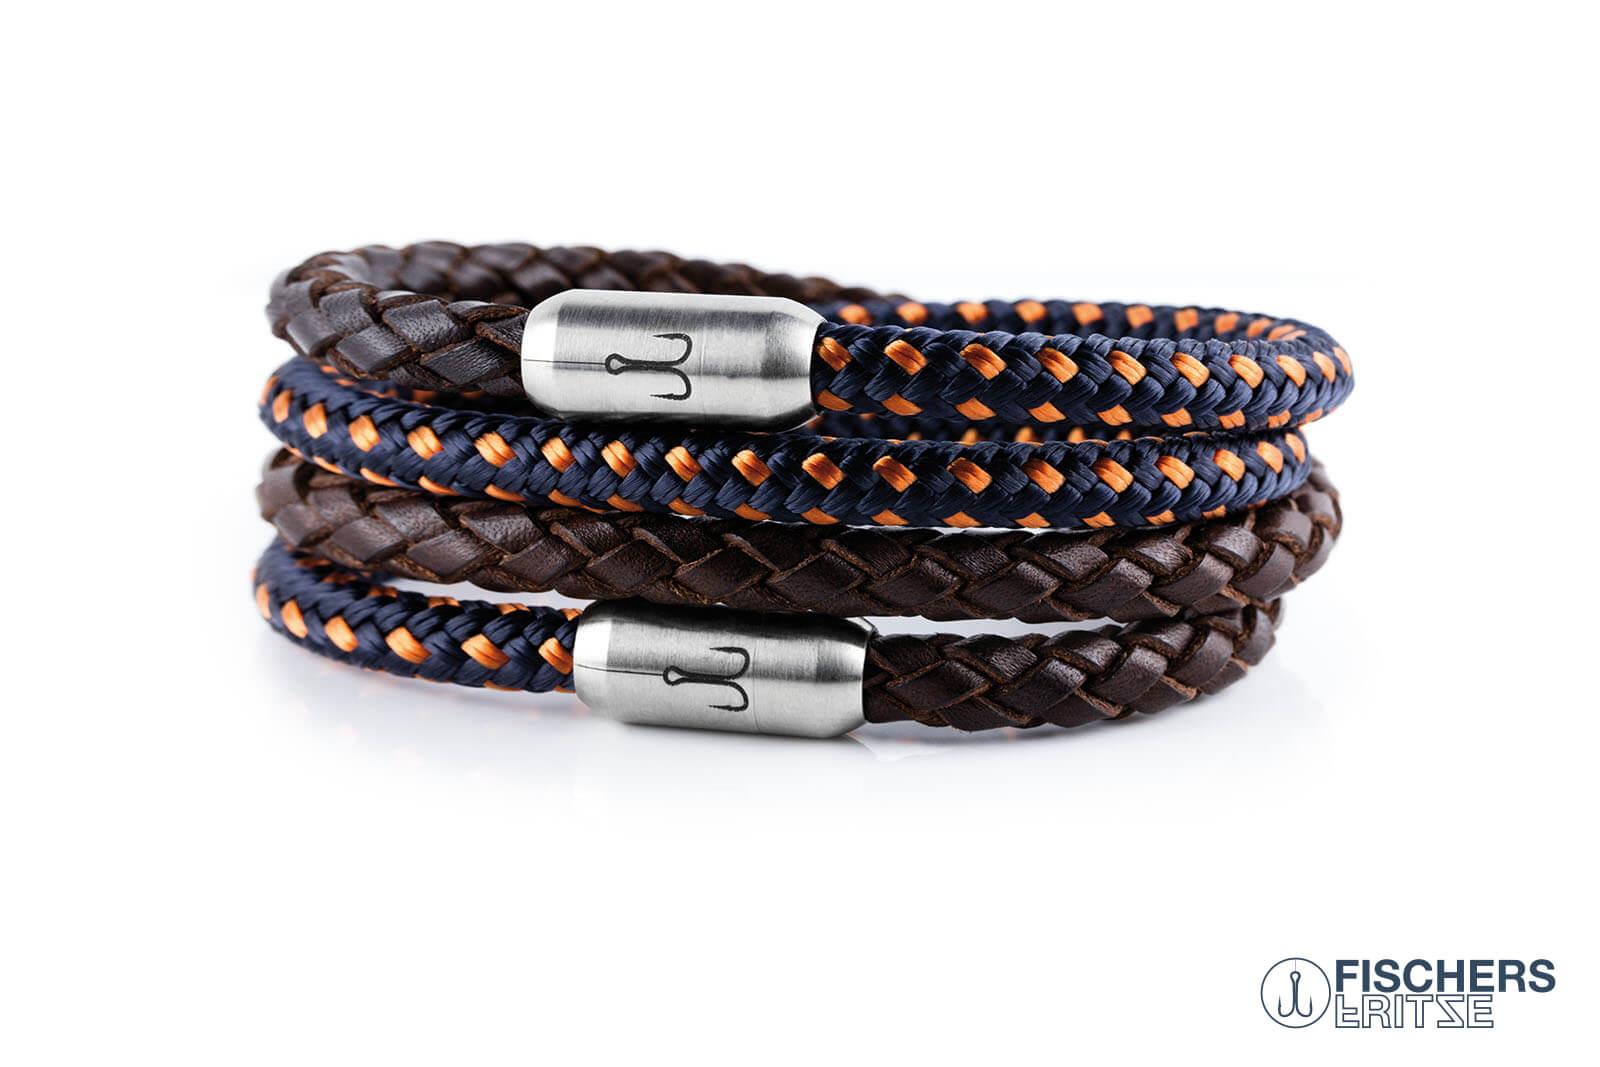 armband-fischers-fritze-kombigarnele-braun-geflochten-blau-orange-leder-segeltau